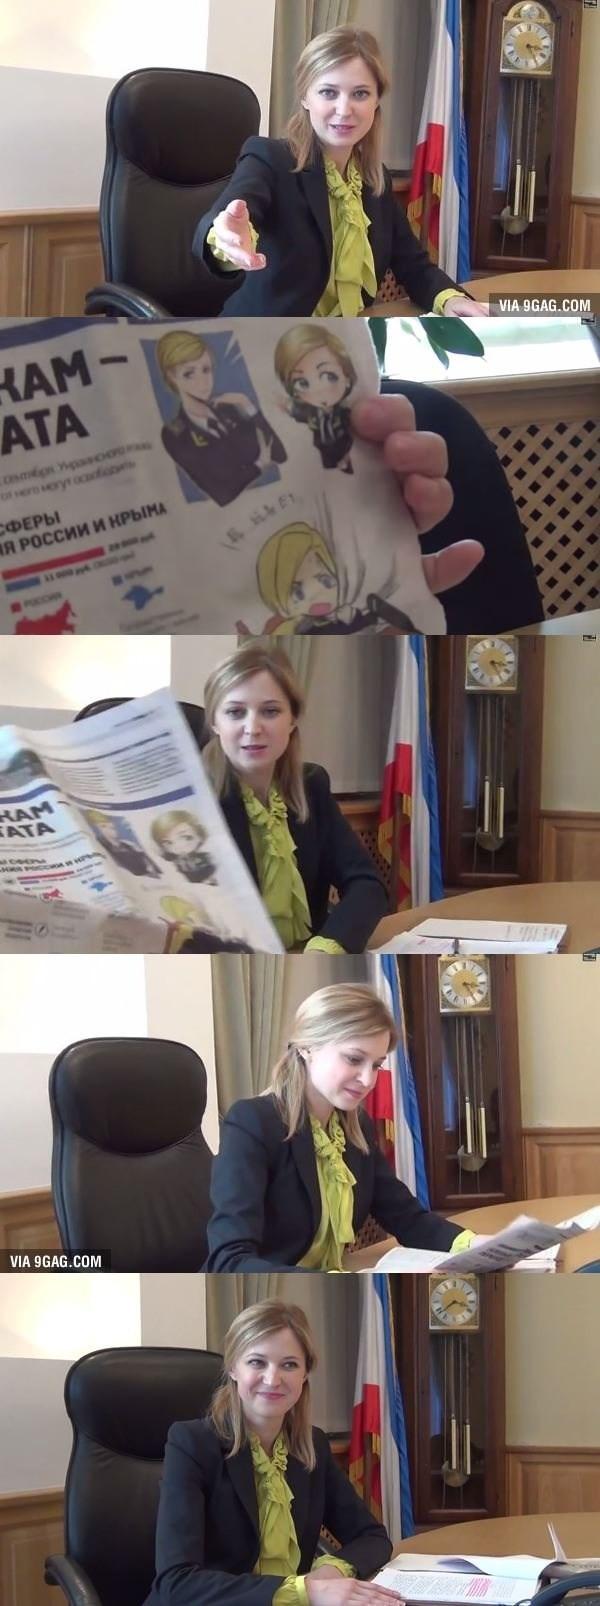 chica ucraniana se encuentra con su propio meme